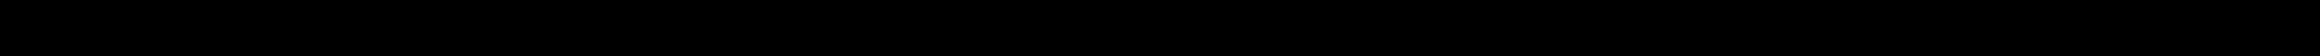 AJUSA 55207398, N0138494, 71741743, 3600377, K9956-41400 Pierścień uszczelniający, korek spustowy oleju